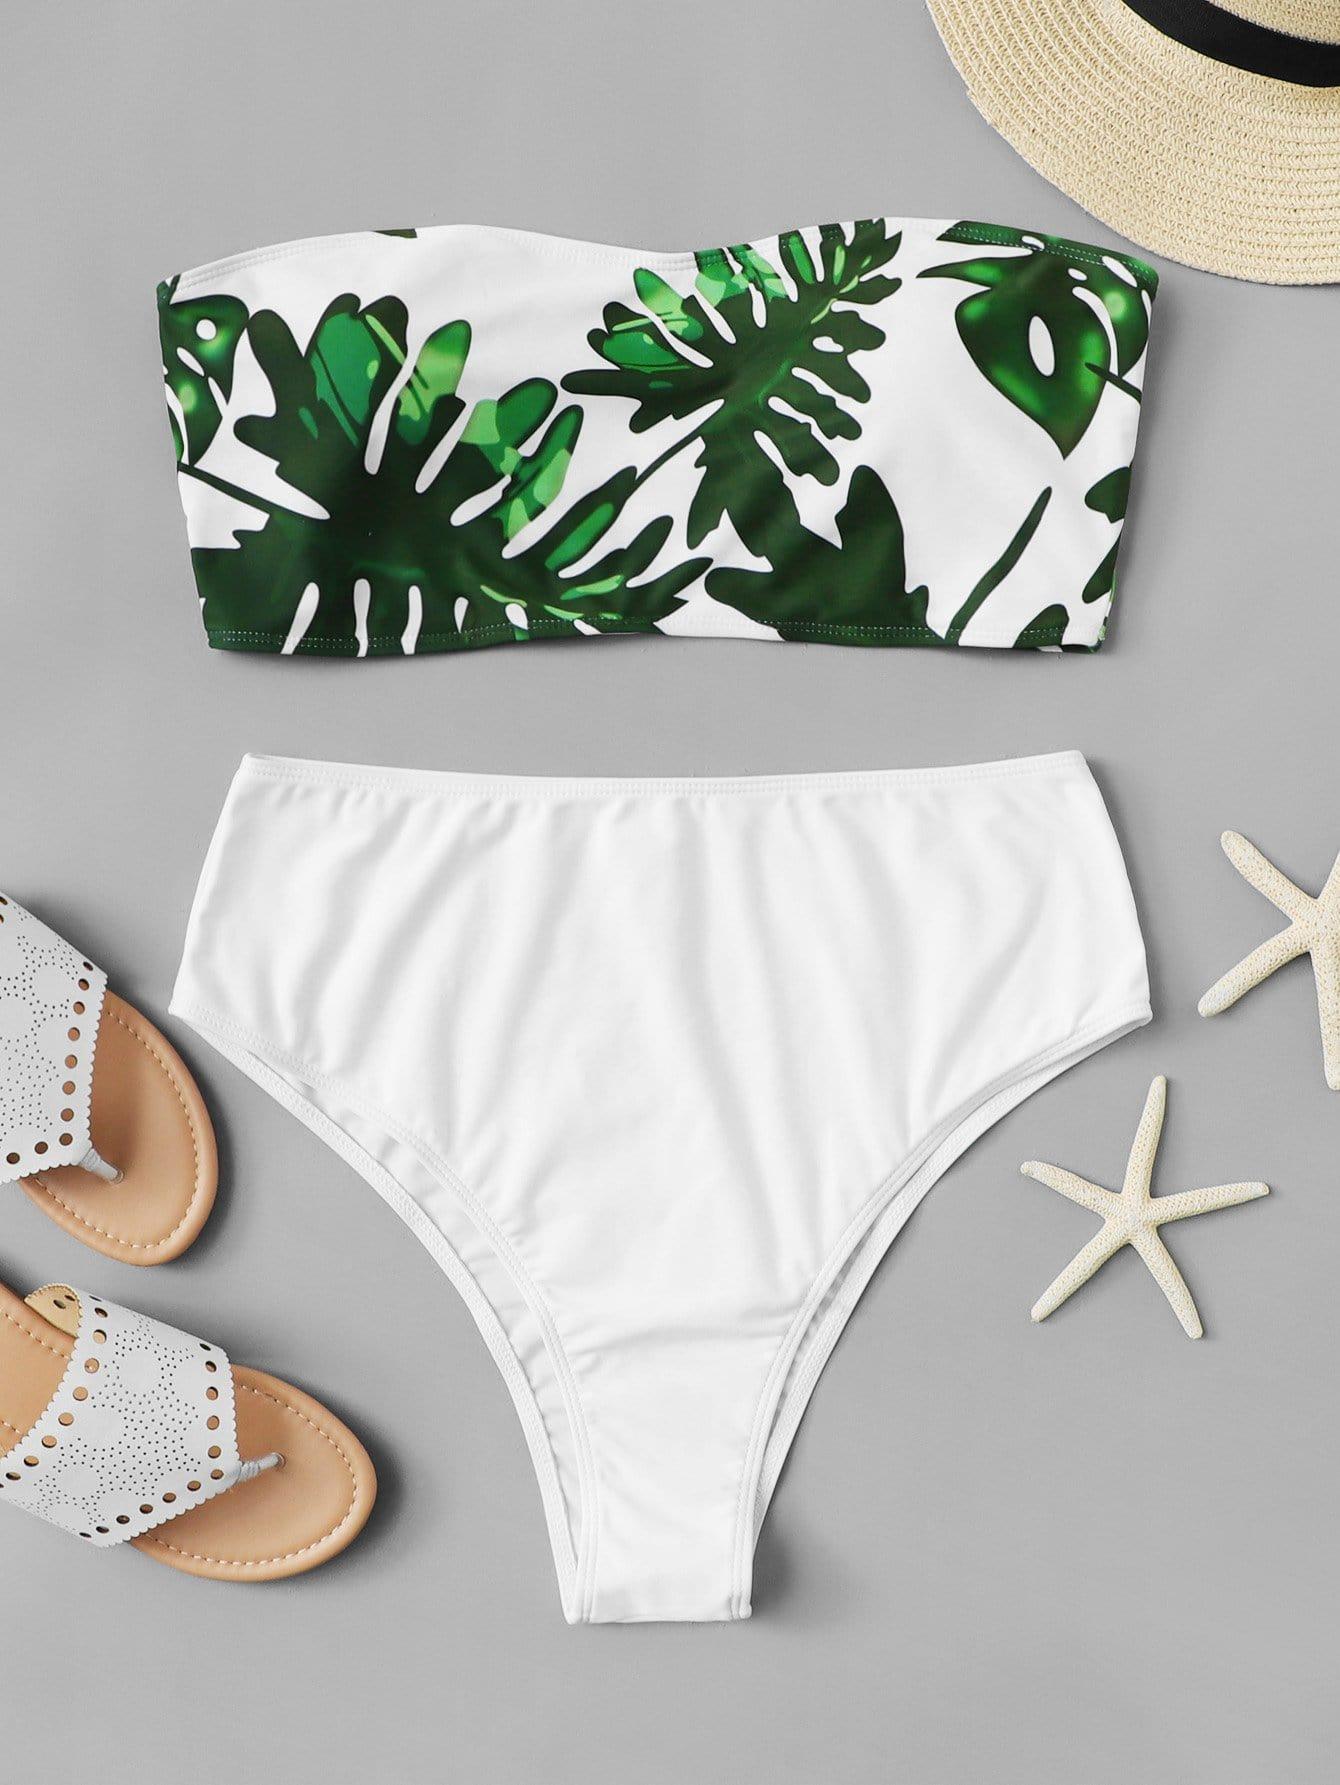 Купить Набор бикини с пальмовым принтом, null, SheIn